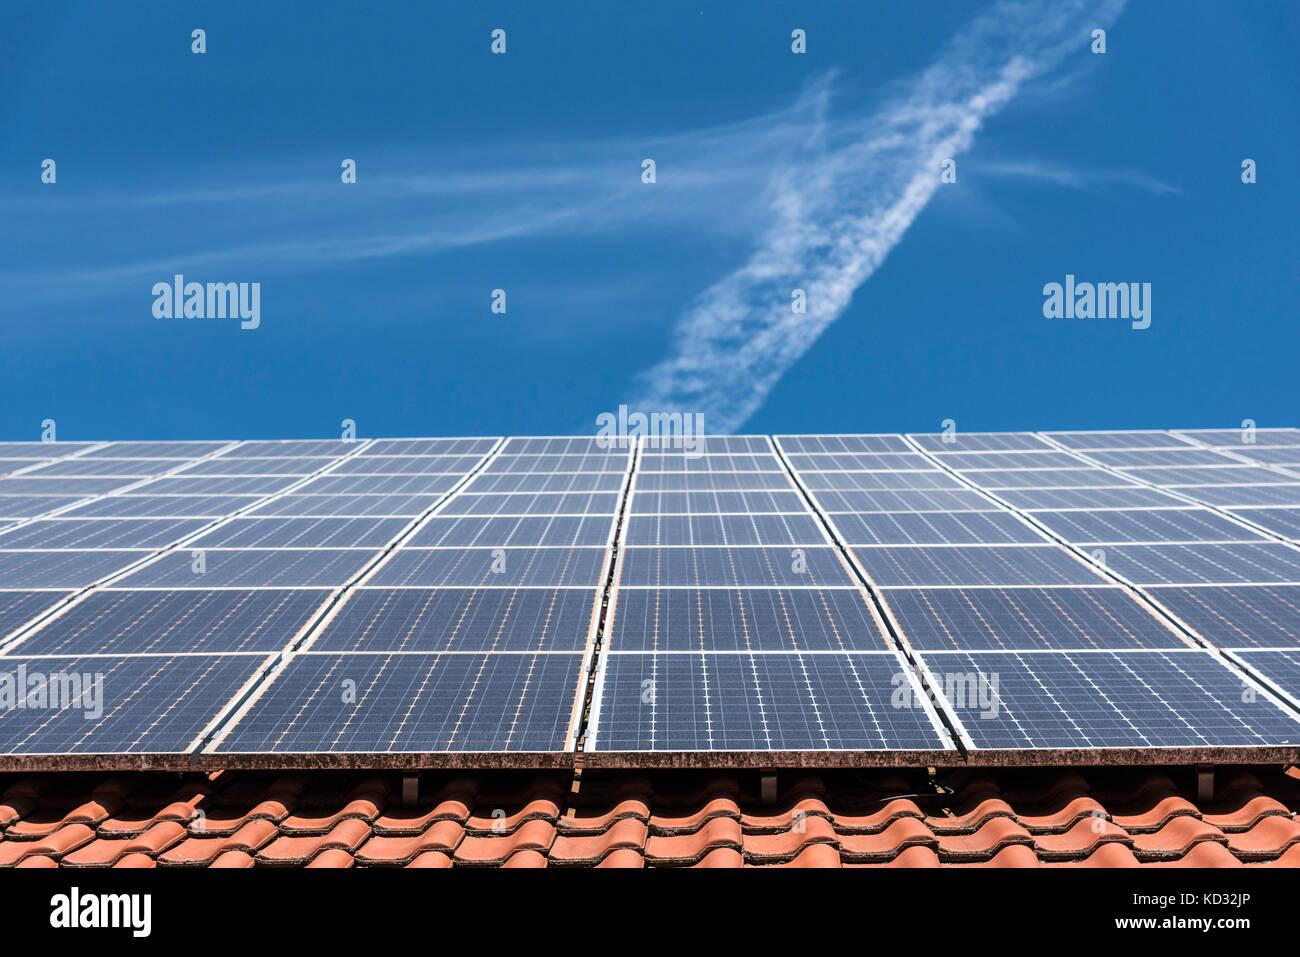 Paneles solares en el techo, vista de ángulo bajo, Munich, Alemania Imagen De Stock